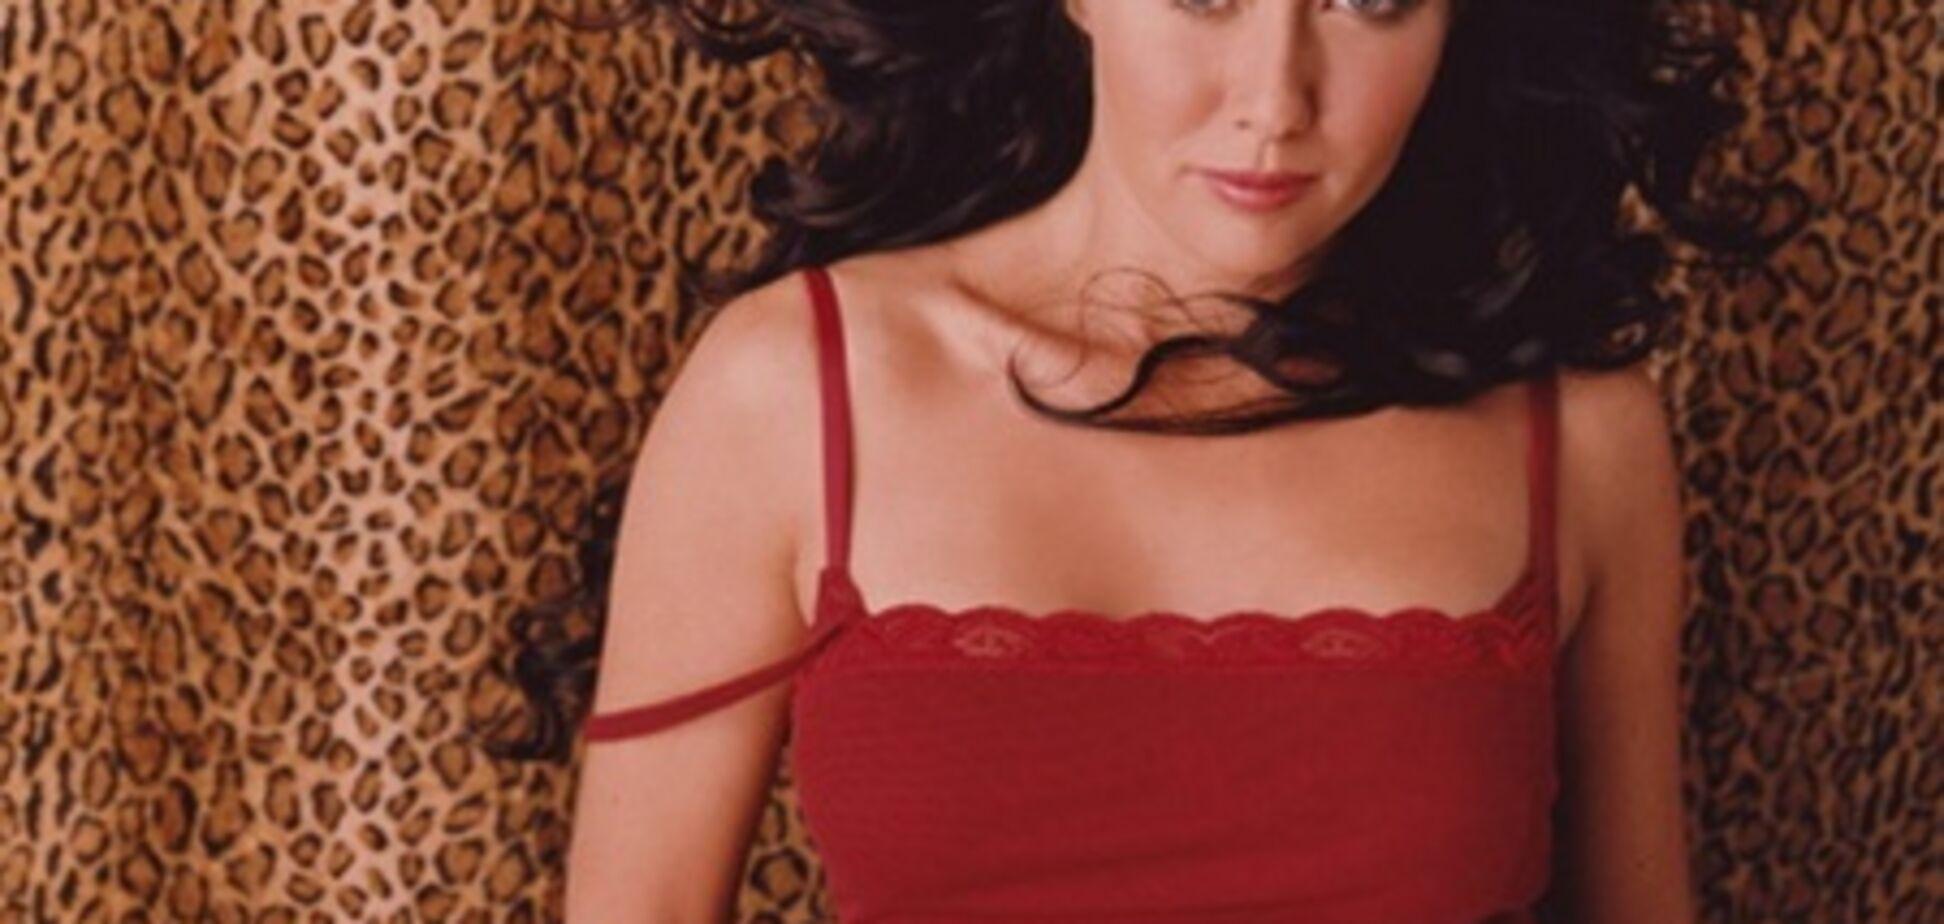 Бренда из 'Беверли-Хиллз' и ее массивные формы в нижнем белье